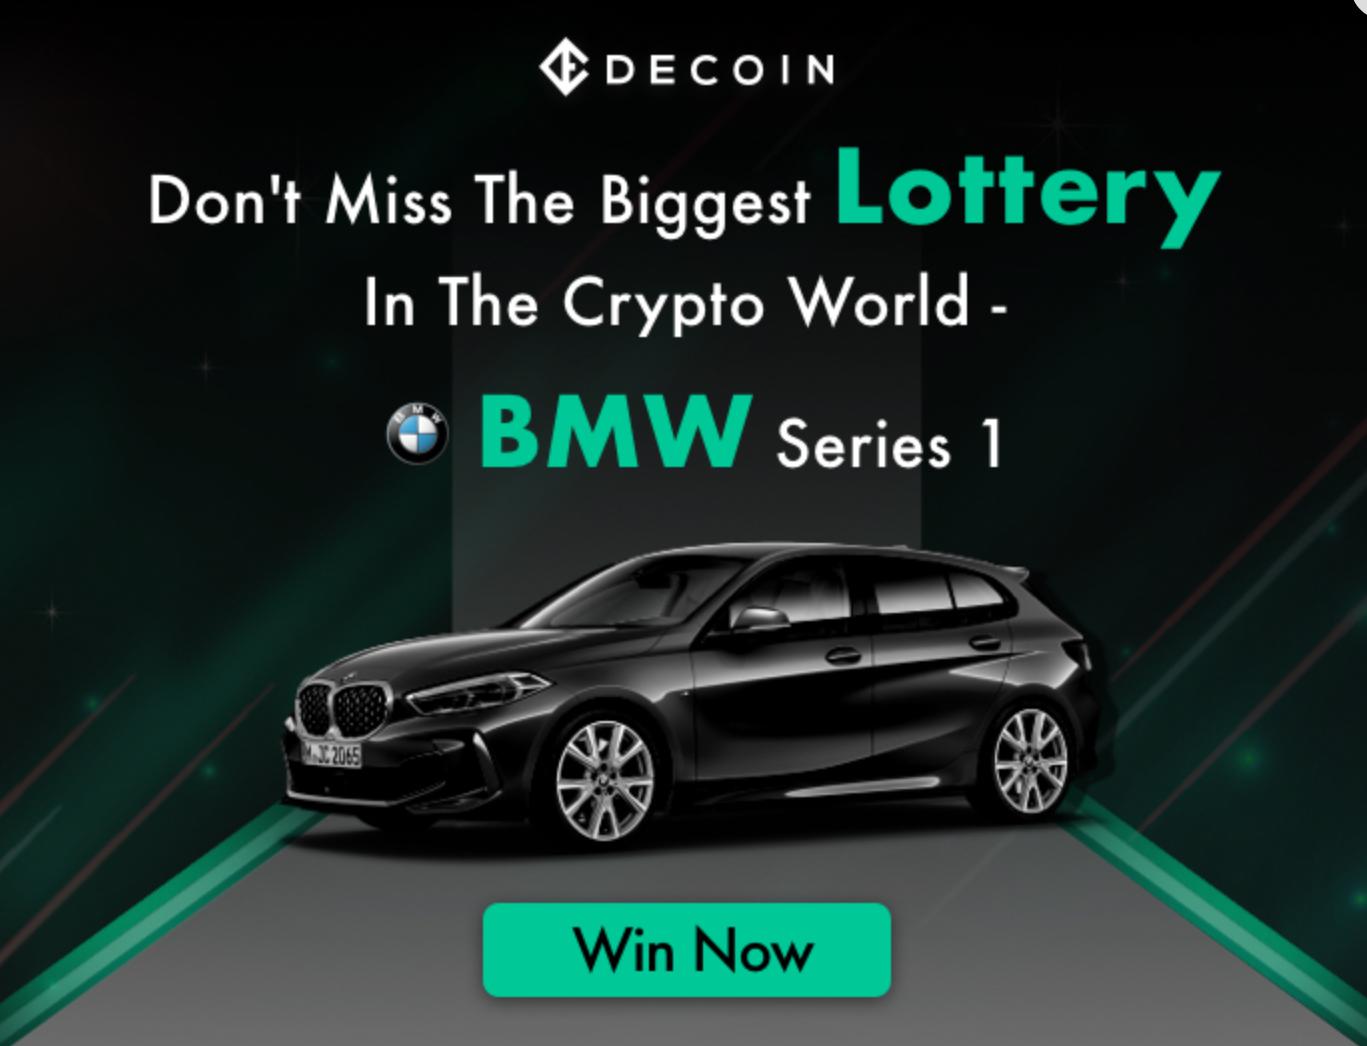 「DECOIN」新しいBMW1シリーズが当たるキャンペーン!